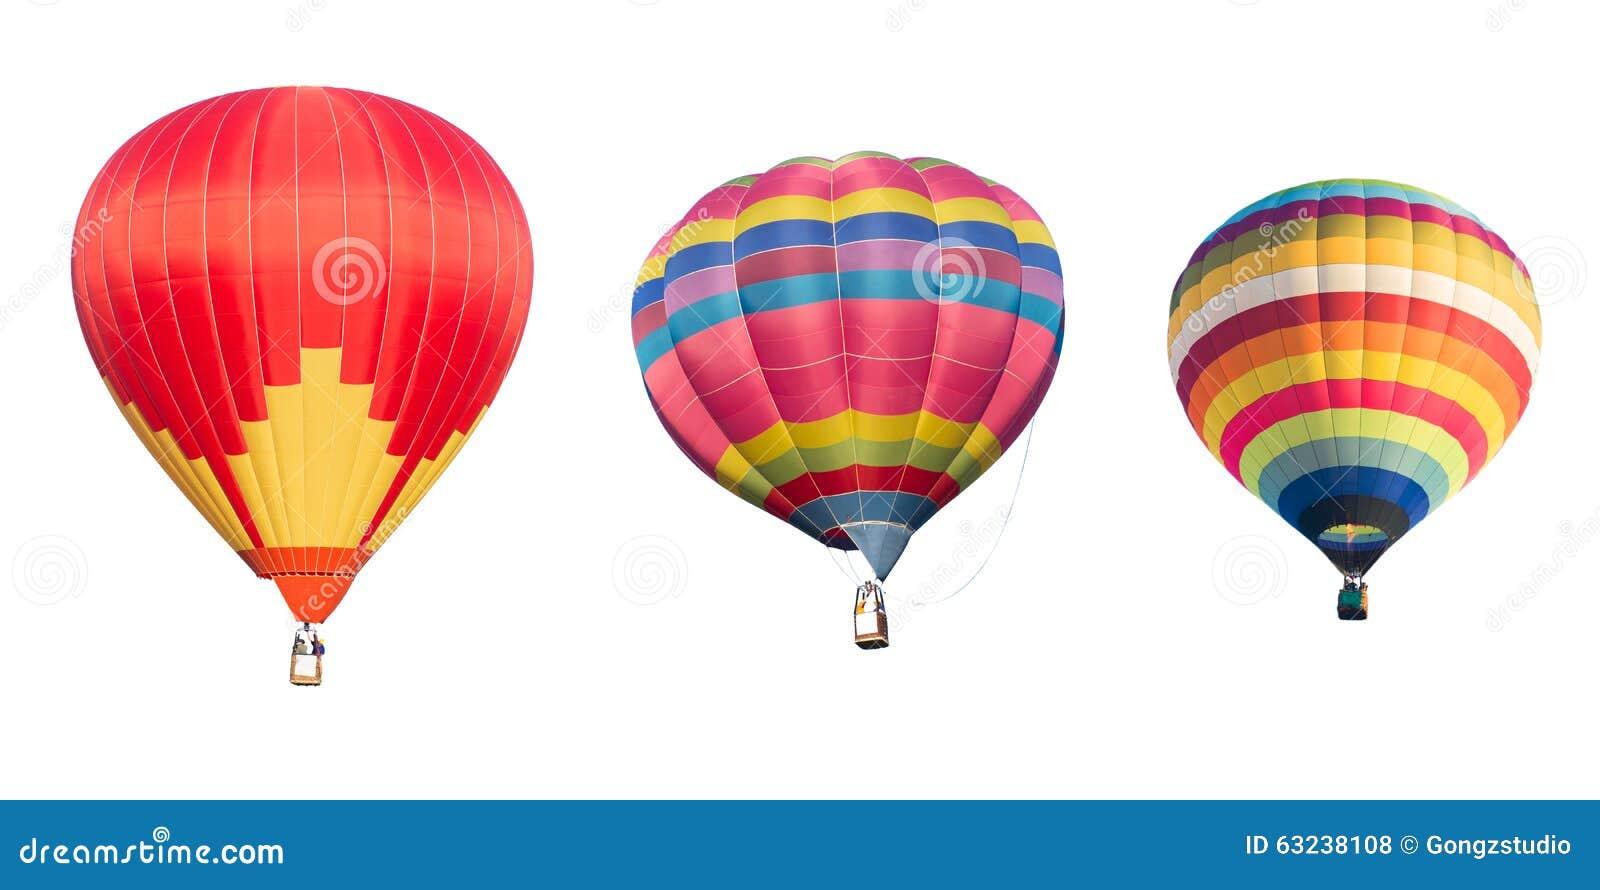 Ballon à air chaud coloré